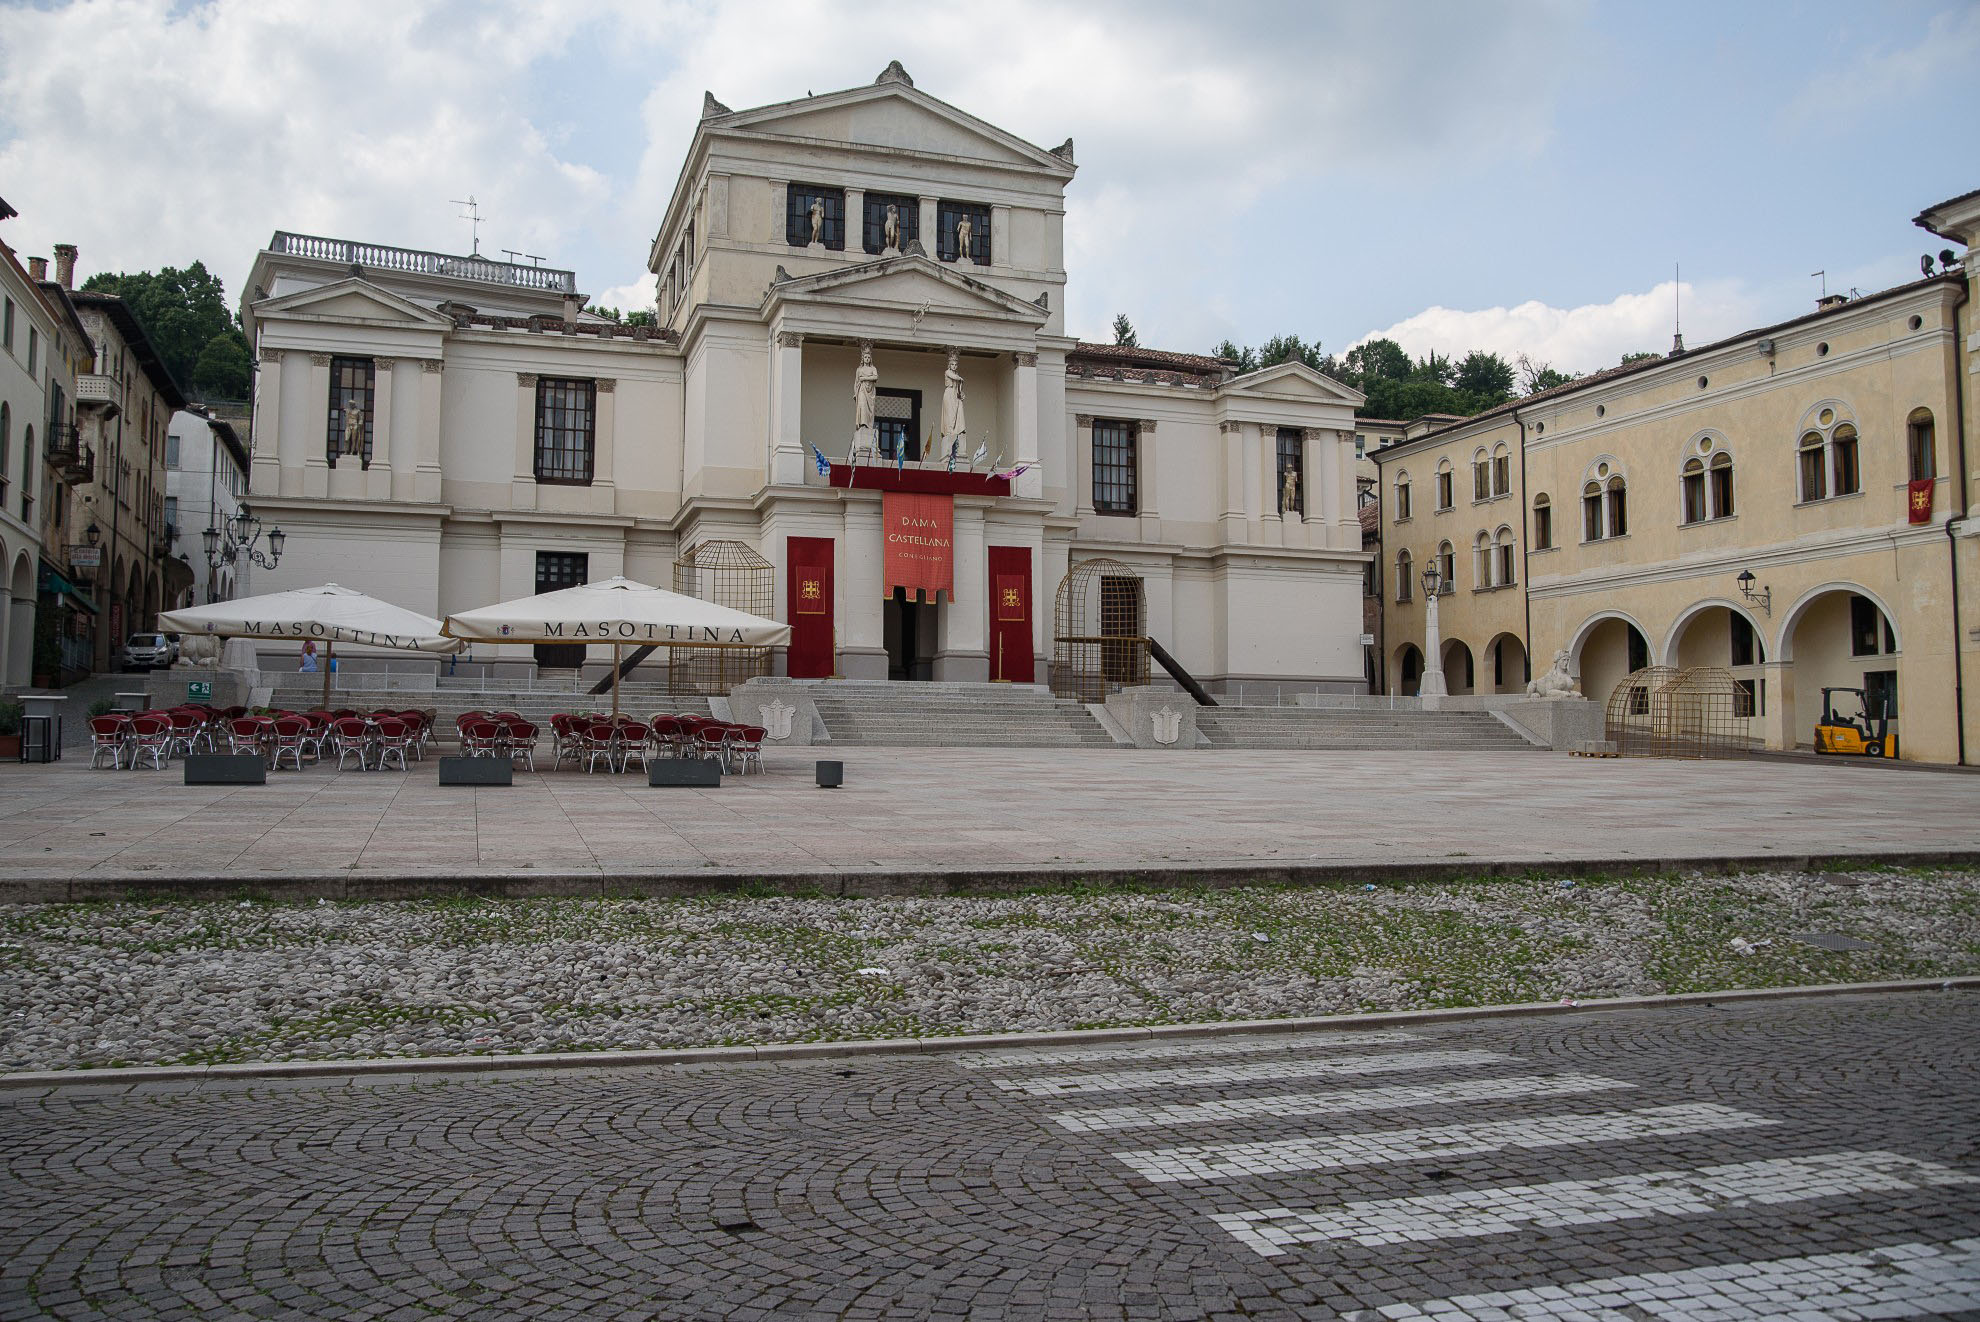 Piazza Cima i Teatro Accademia w Conegliano